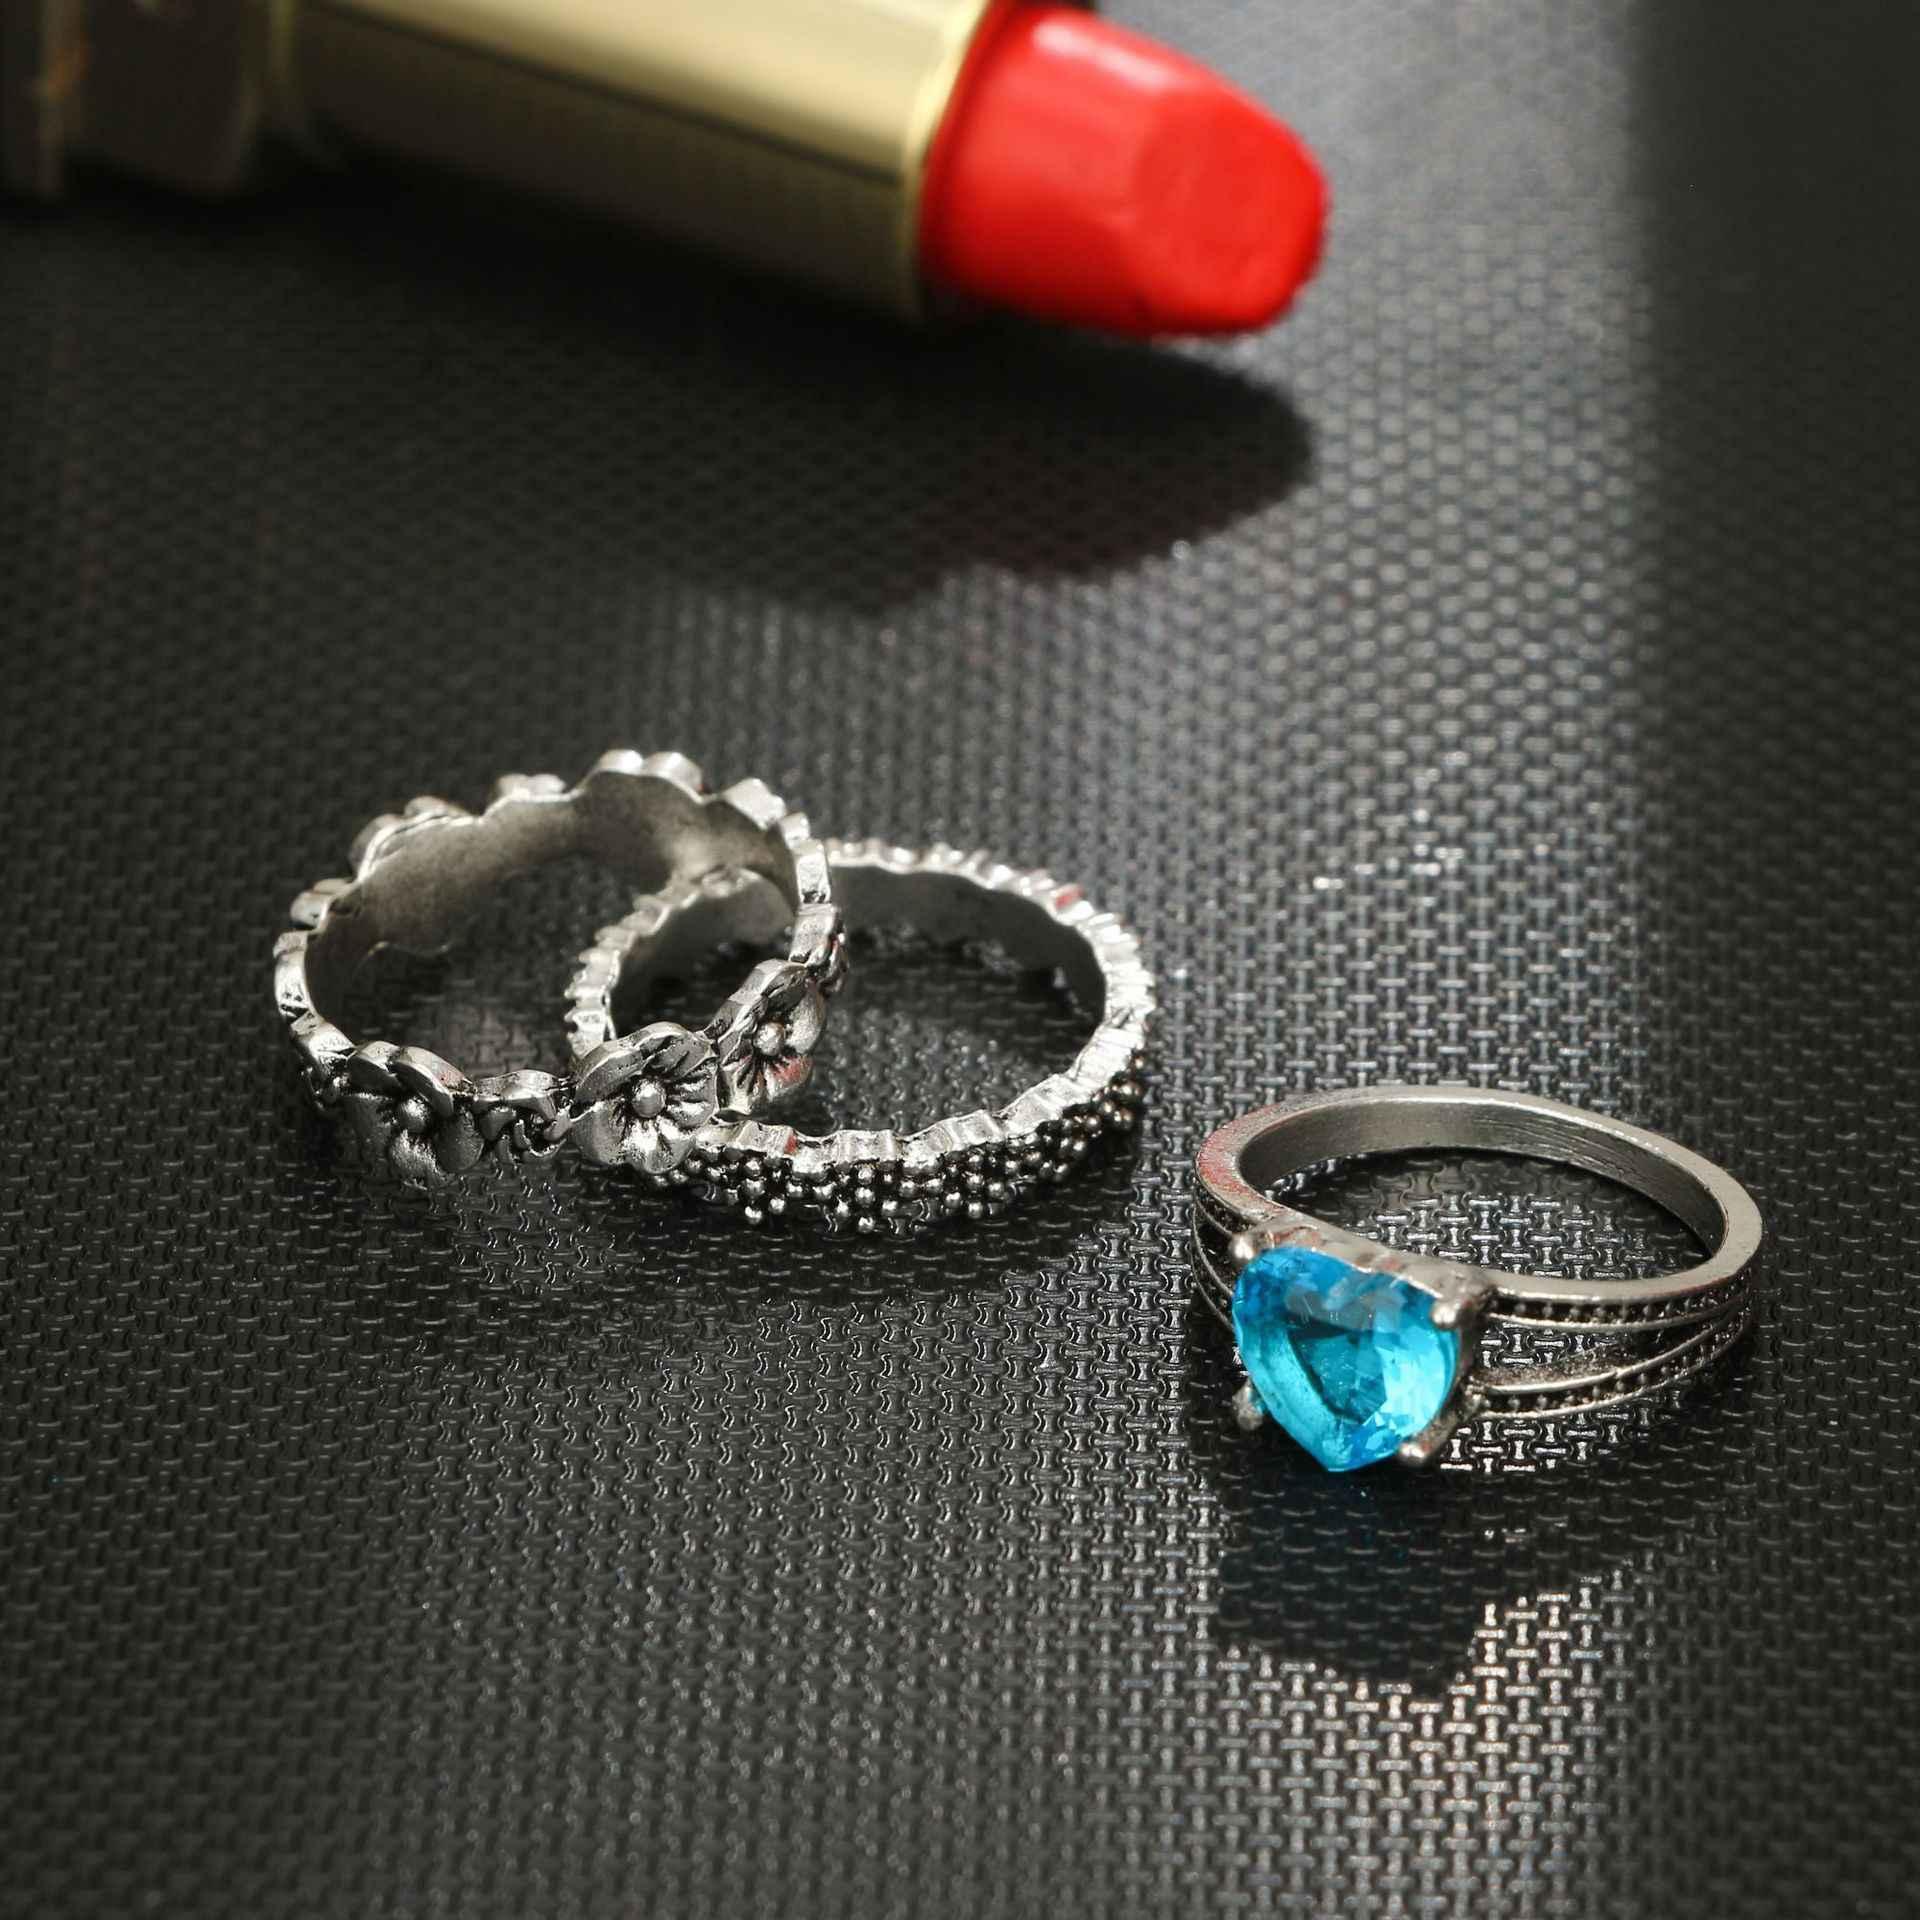 1 ชุด Ocean Blue Vintage Knuckle แหวนผู้หญิง Boho ดอกไม้เรขาคณิตชุดแหวนคริสตัล Bohemian เครื่องประดับนิ้วมือ